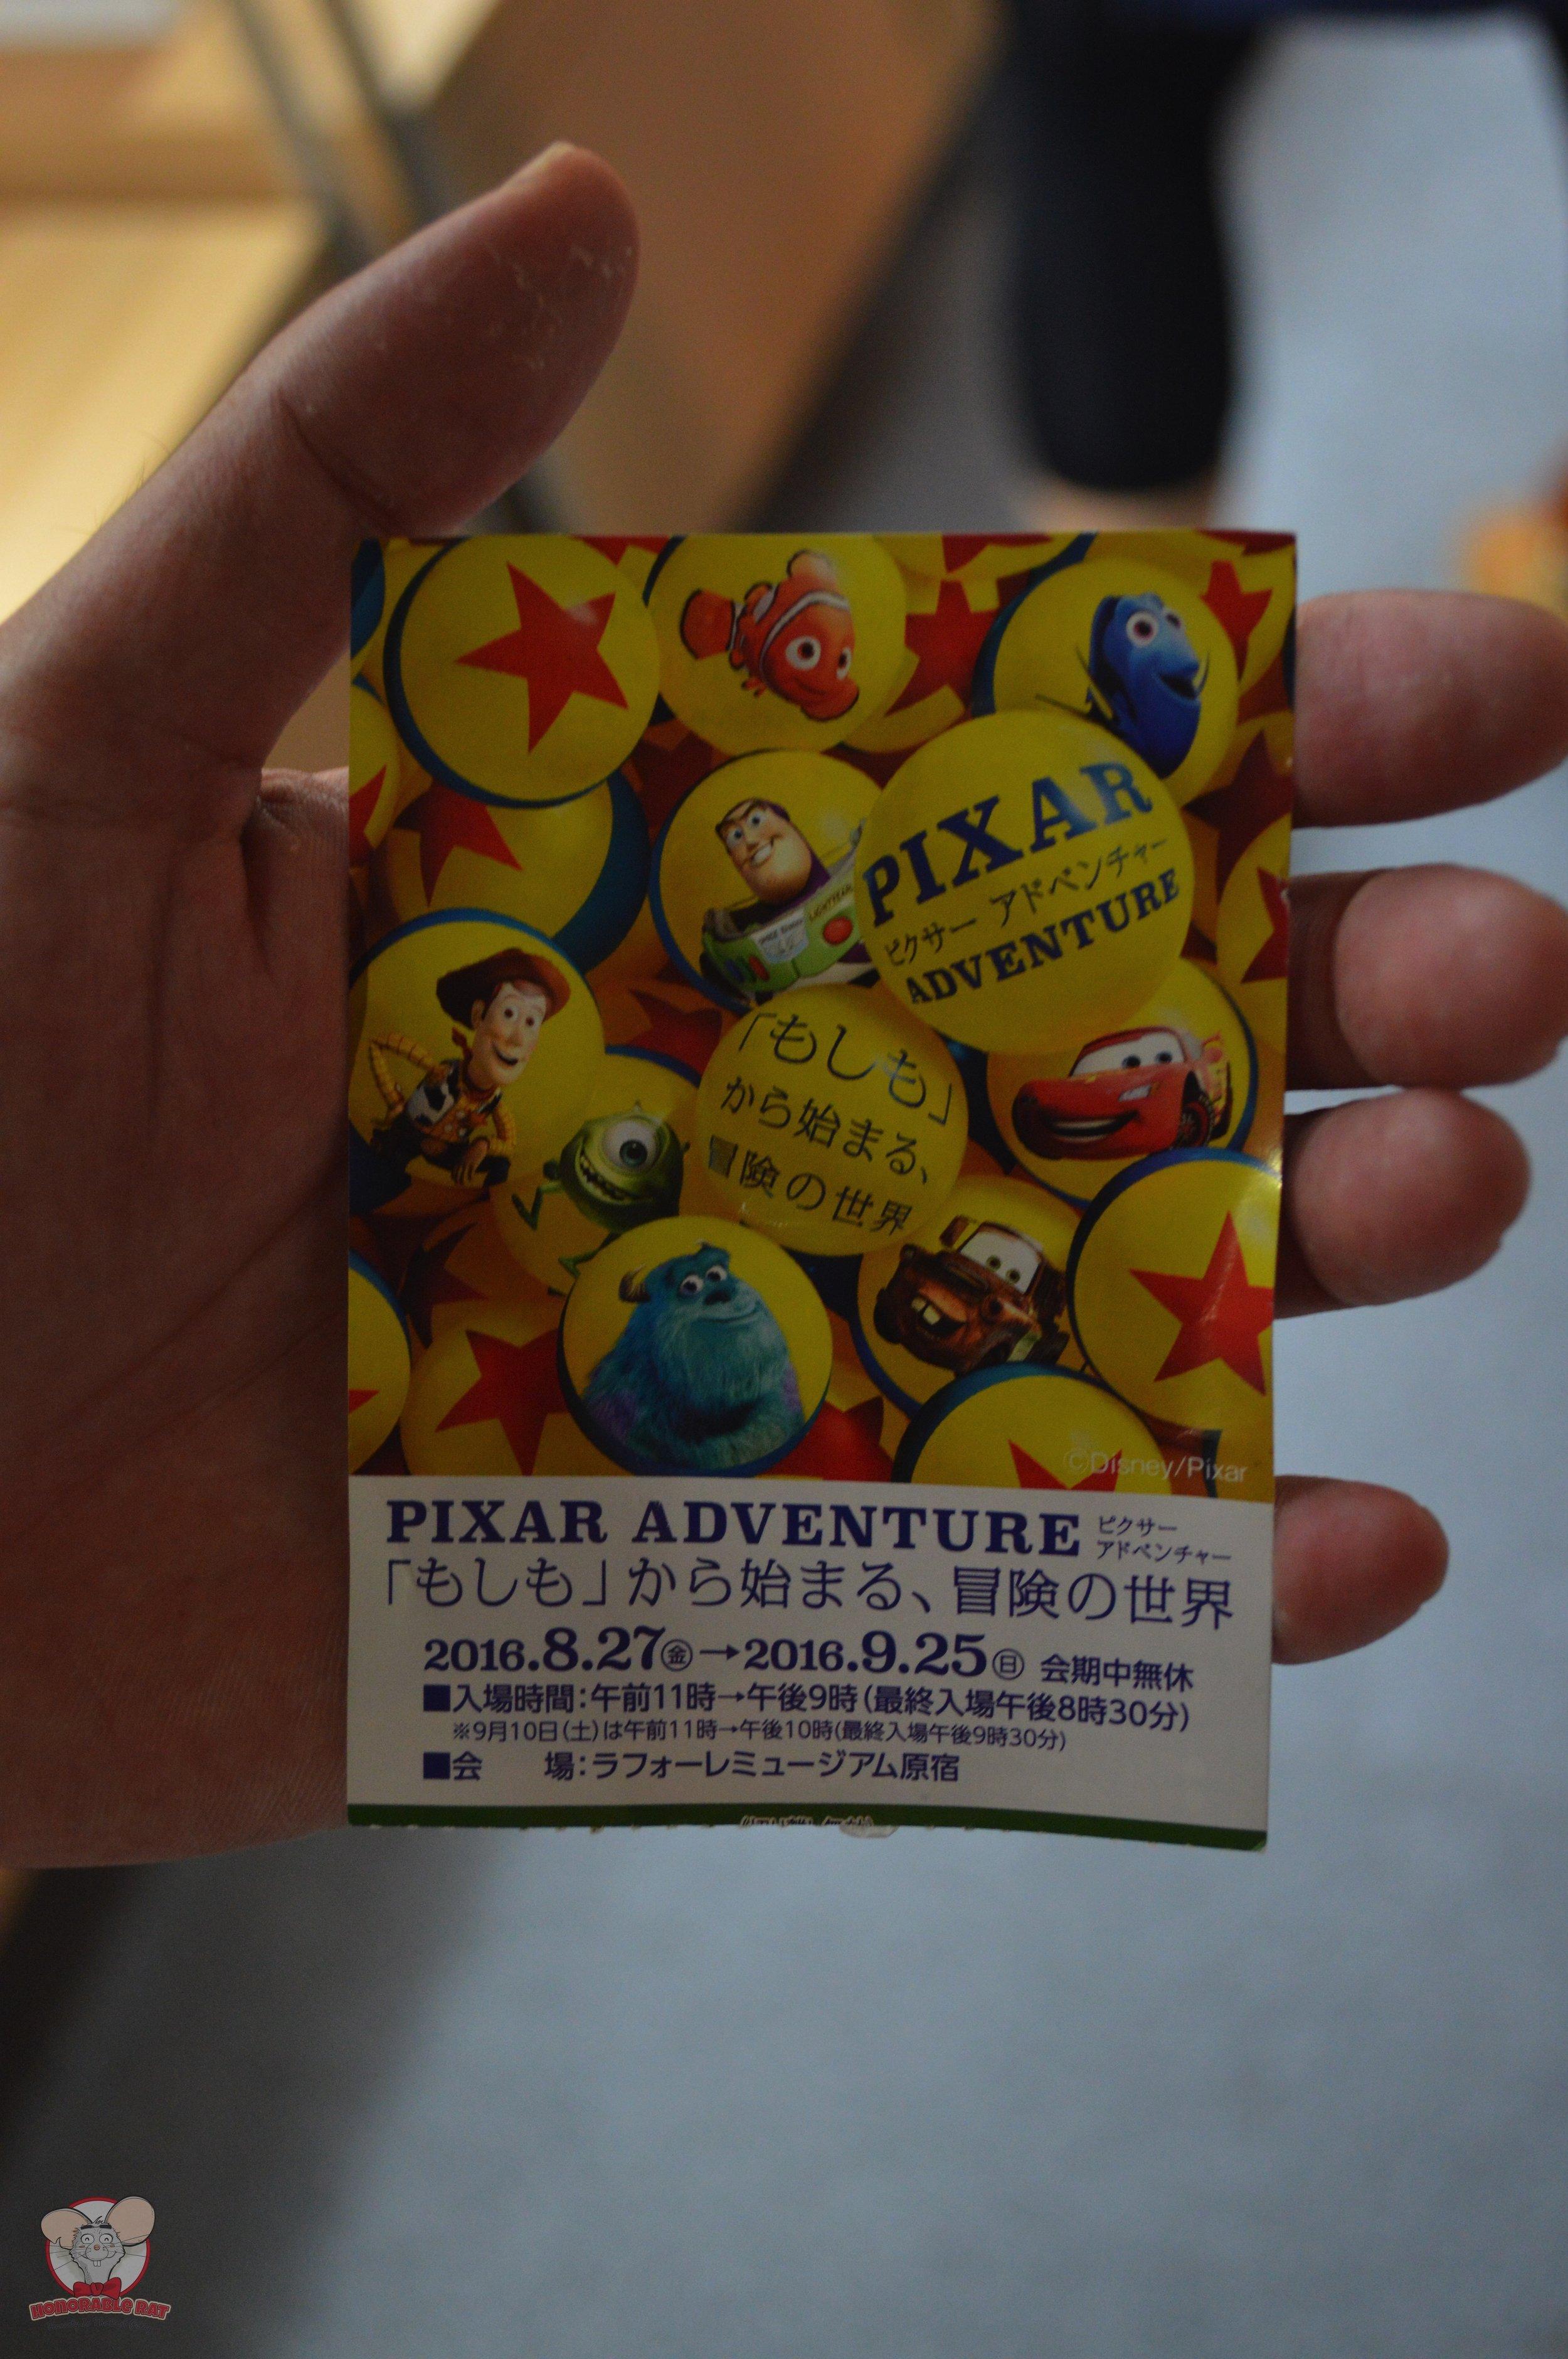 Pixar Adventure Ticket